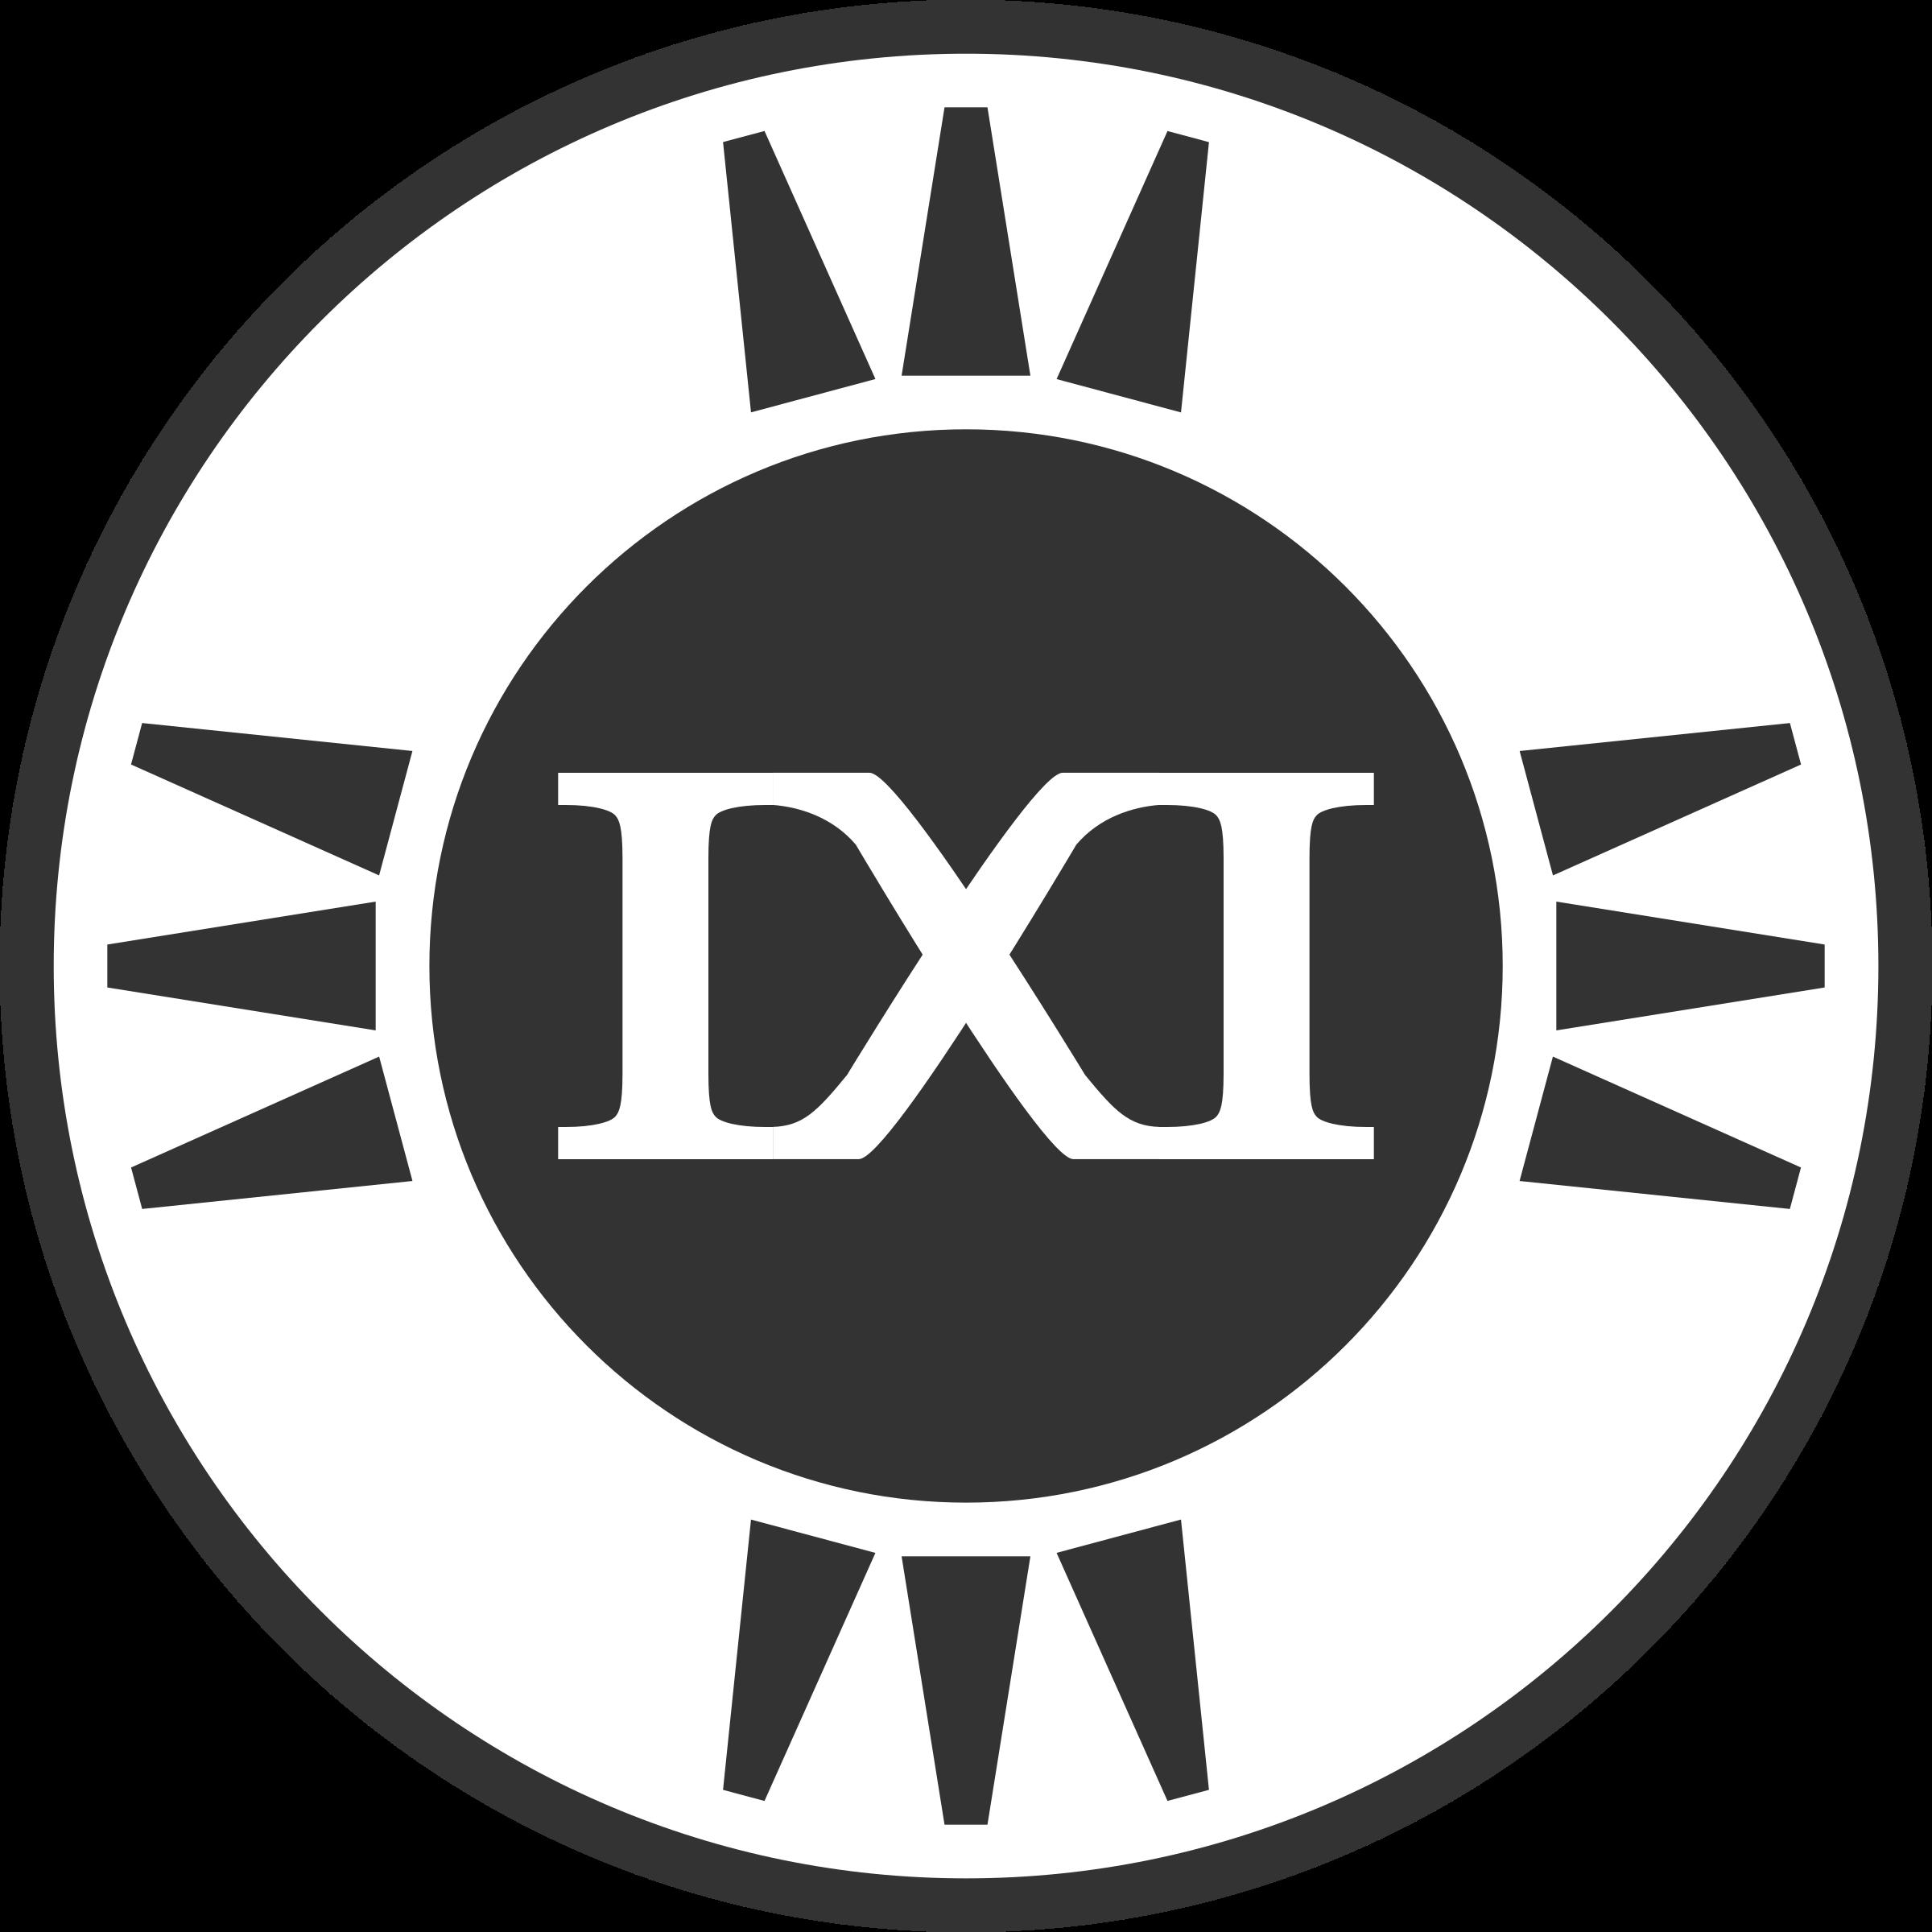 Fictional brand ixi variant. E clipart logo